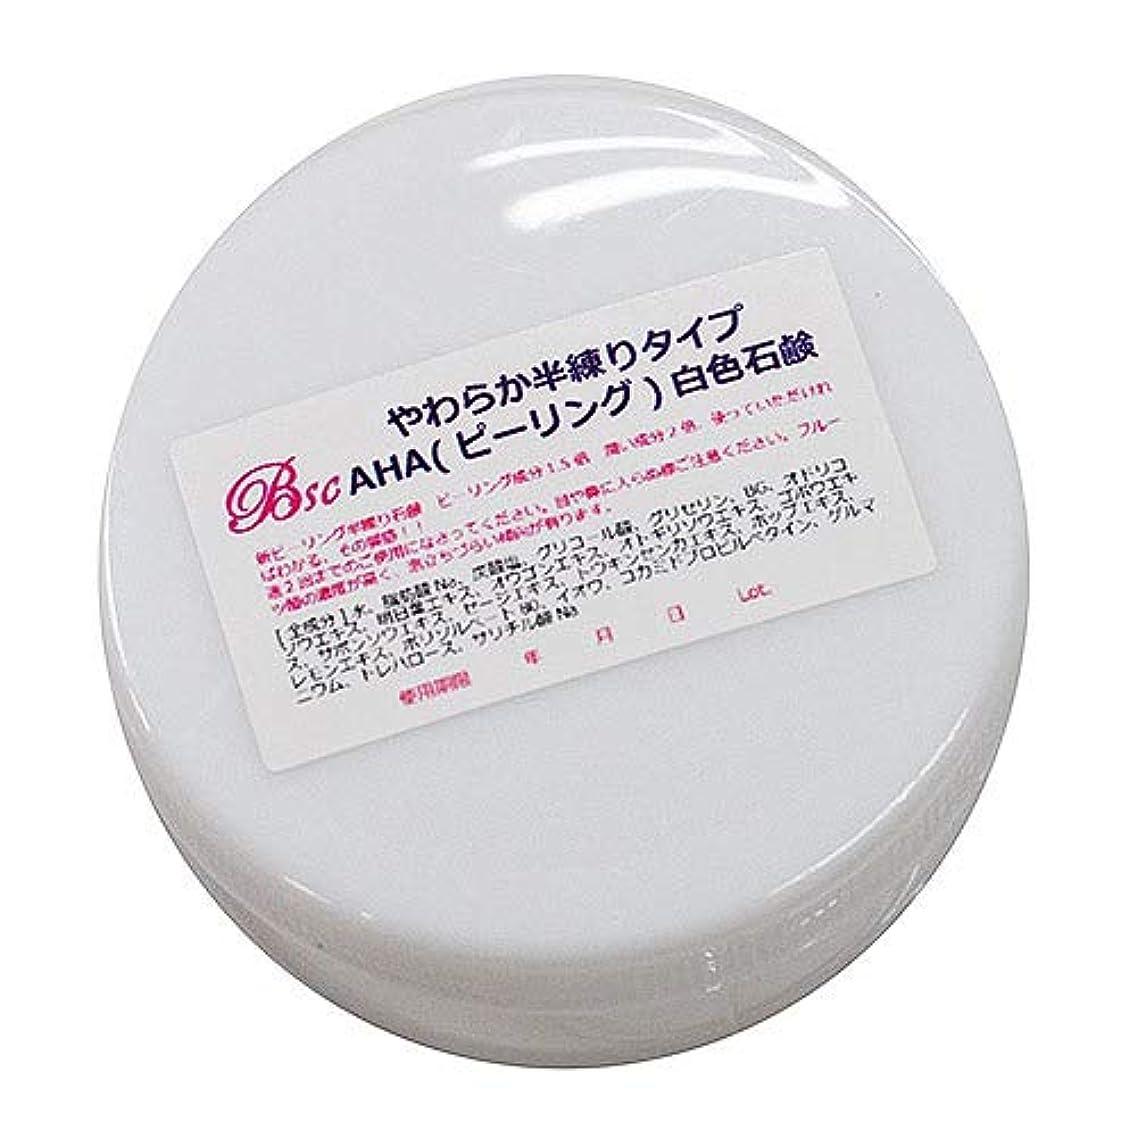 頭余裕がある思い出すやわらかい半練りタイプAHA(ピーリング)石鹸?100g